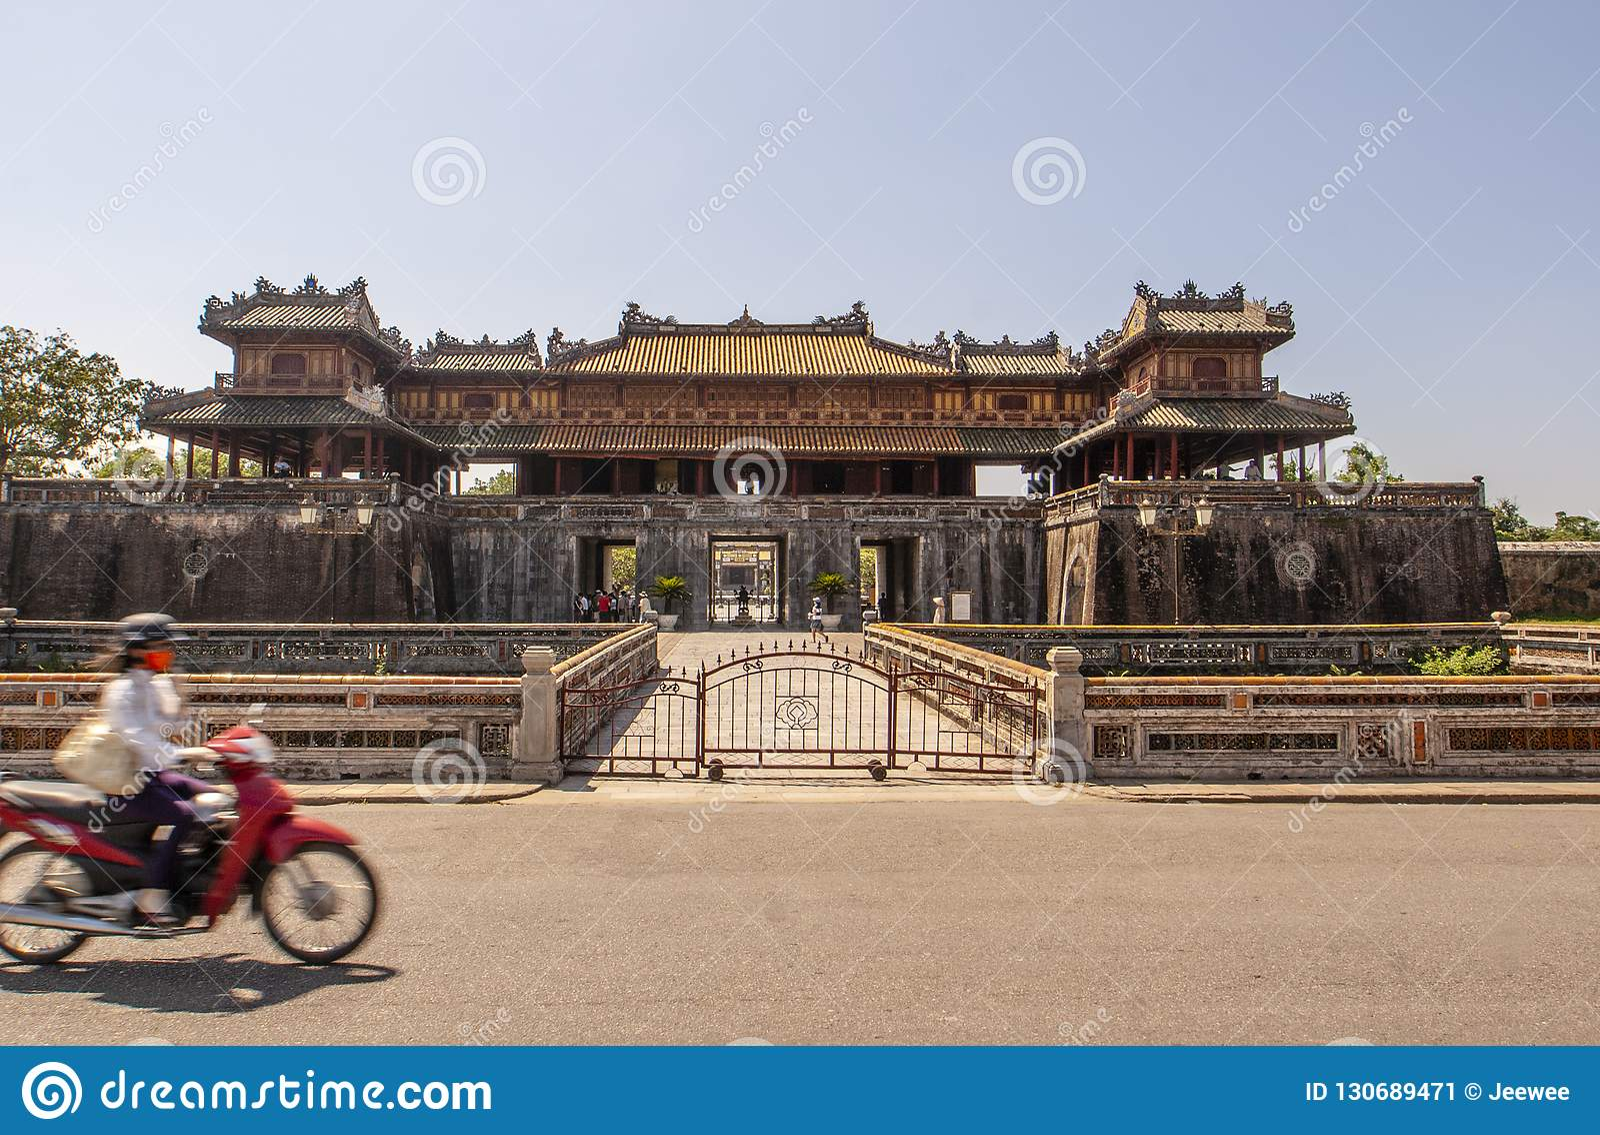 Exterior de Ngo Mon Gate, parte da citadela na capital vietnamiana anterior Hué, Vietname central, Vietname